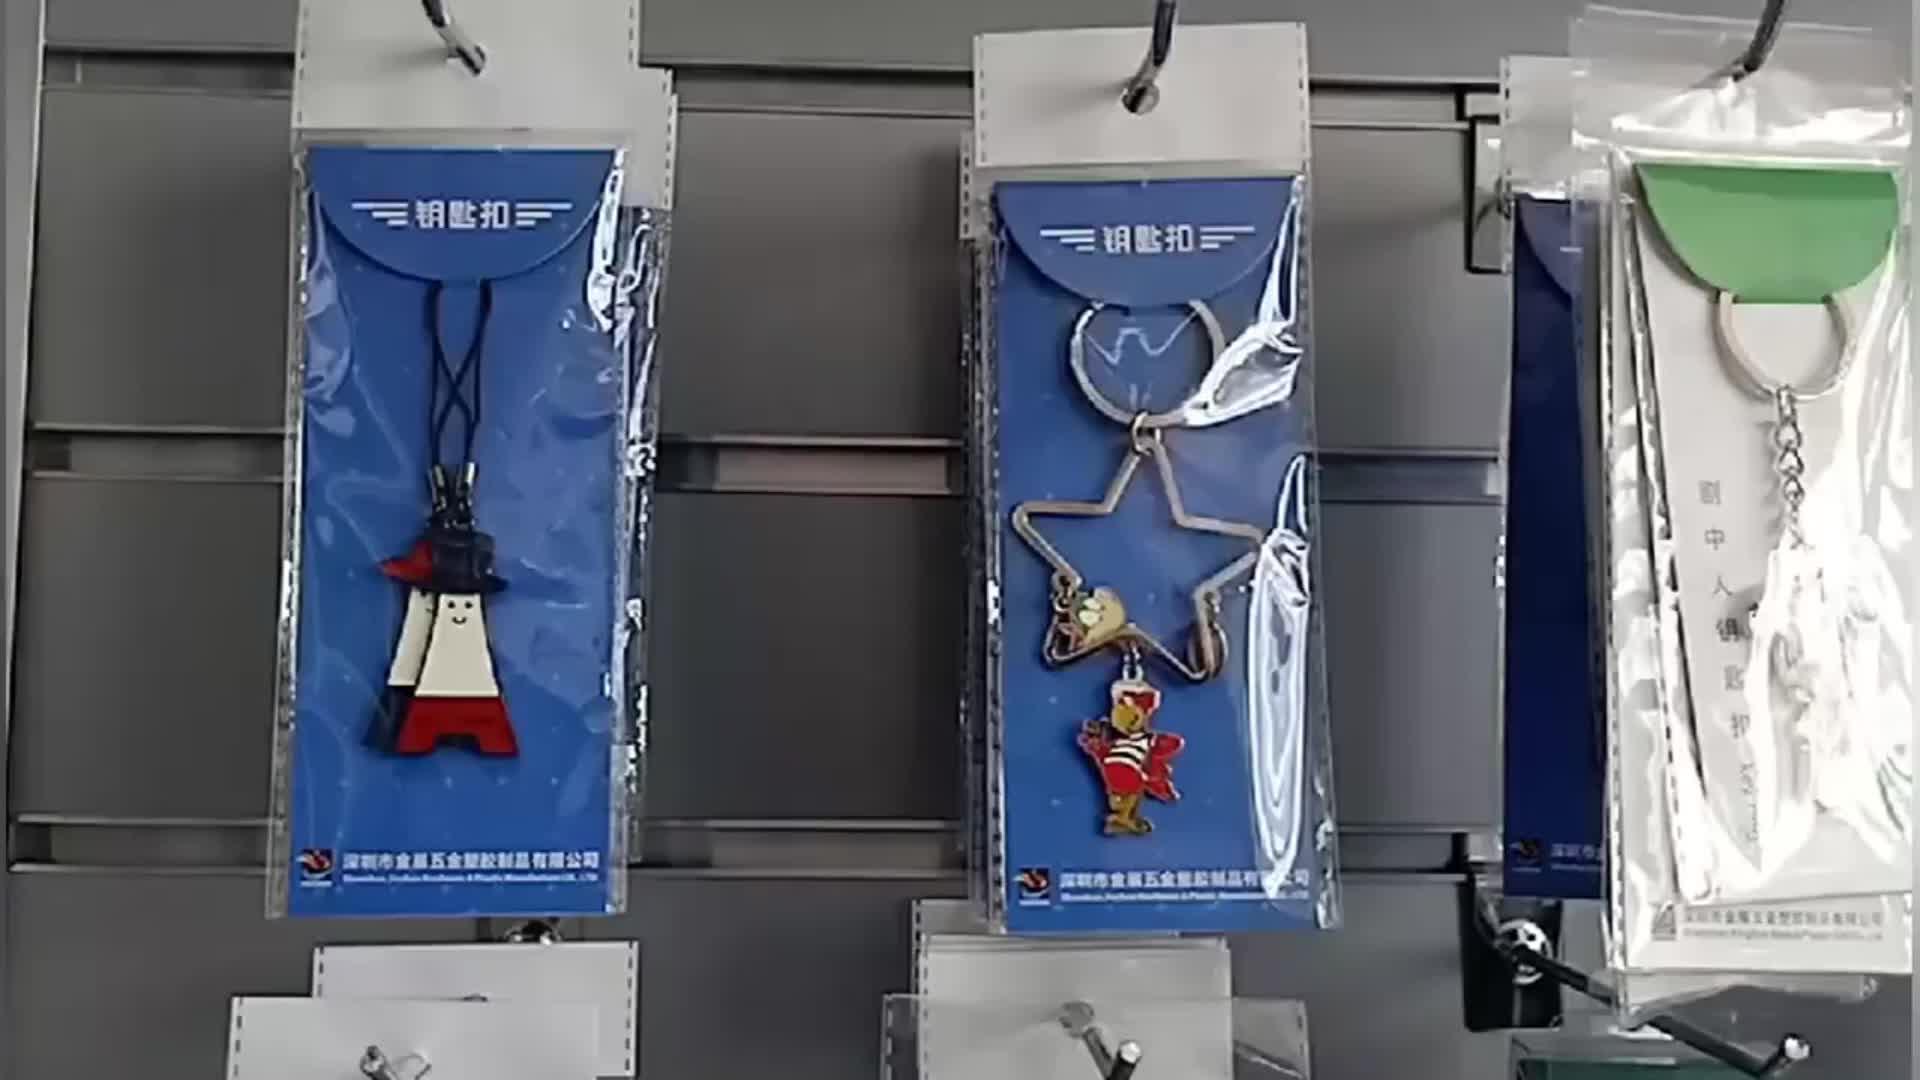 Quà Tặng Khuyến Mãi Keychain Giá Rẻ Biểu Tượng Tùy Chỉnh Kim Loại Da Led Acrylic Silicone Gỗ In Pha Lê Keyring Xe Thúc Đẩy Móc Chìa Khóa